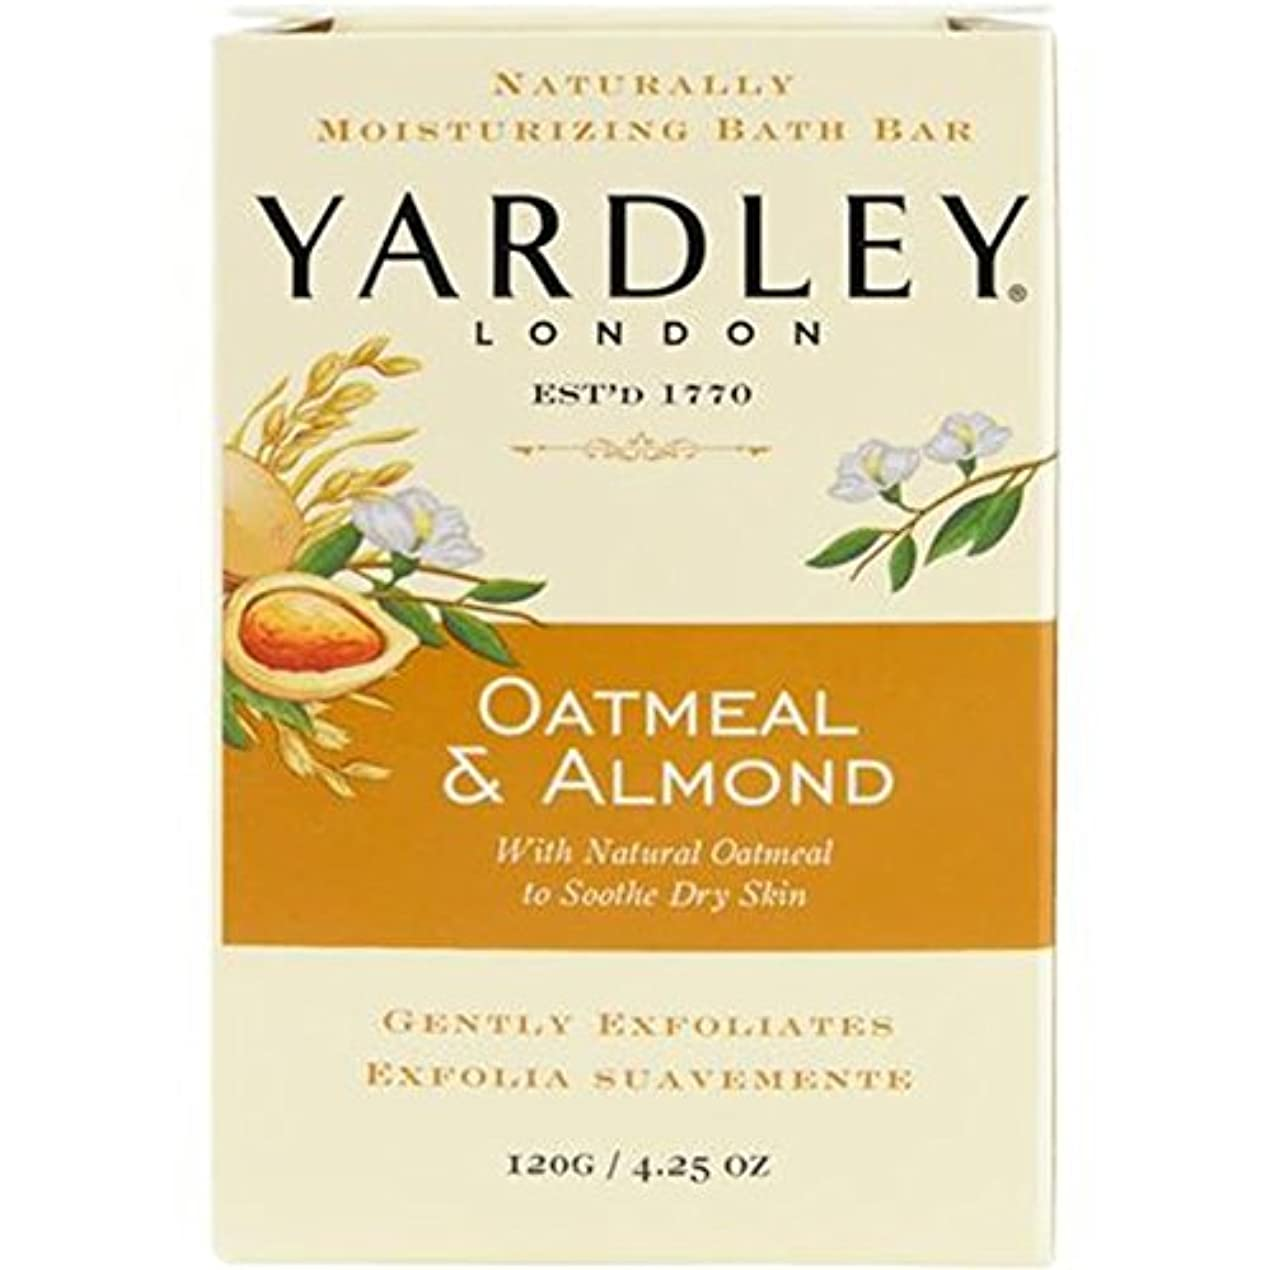 呼びかける不名誉な高齢者ヤードレー オートミール&アーモンドソープ 120g (並行輸入品)